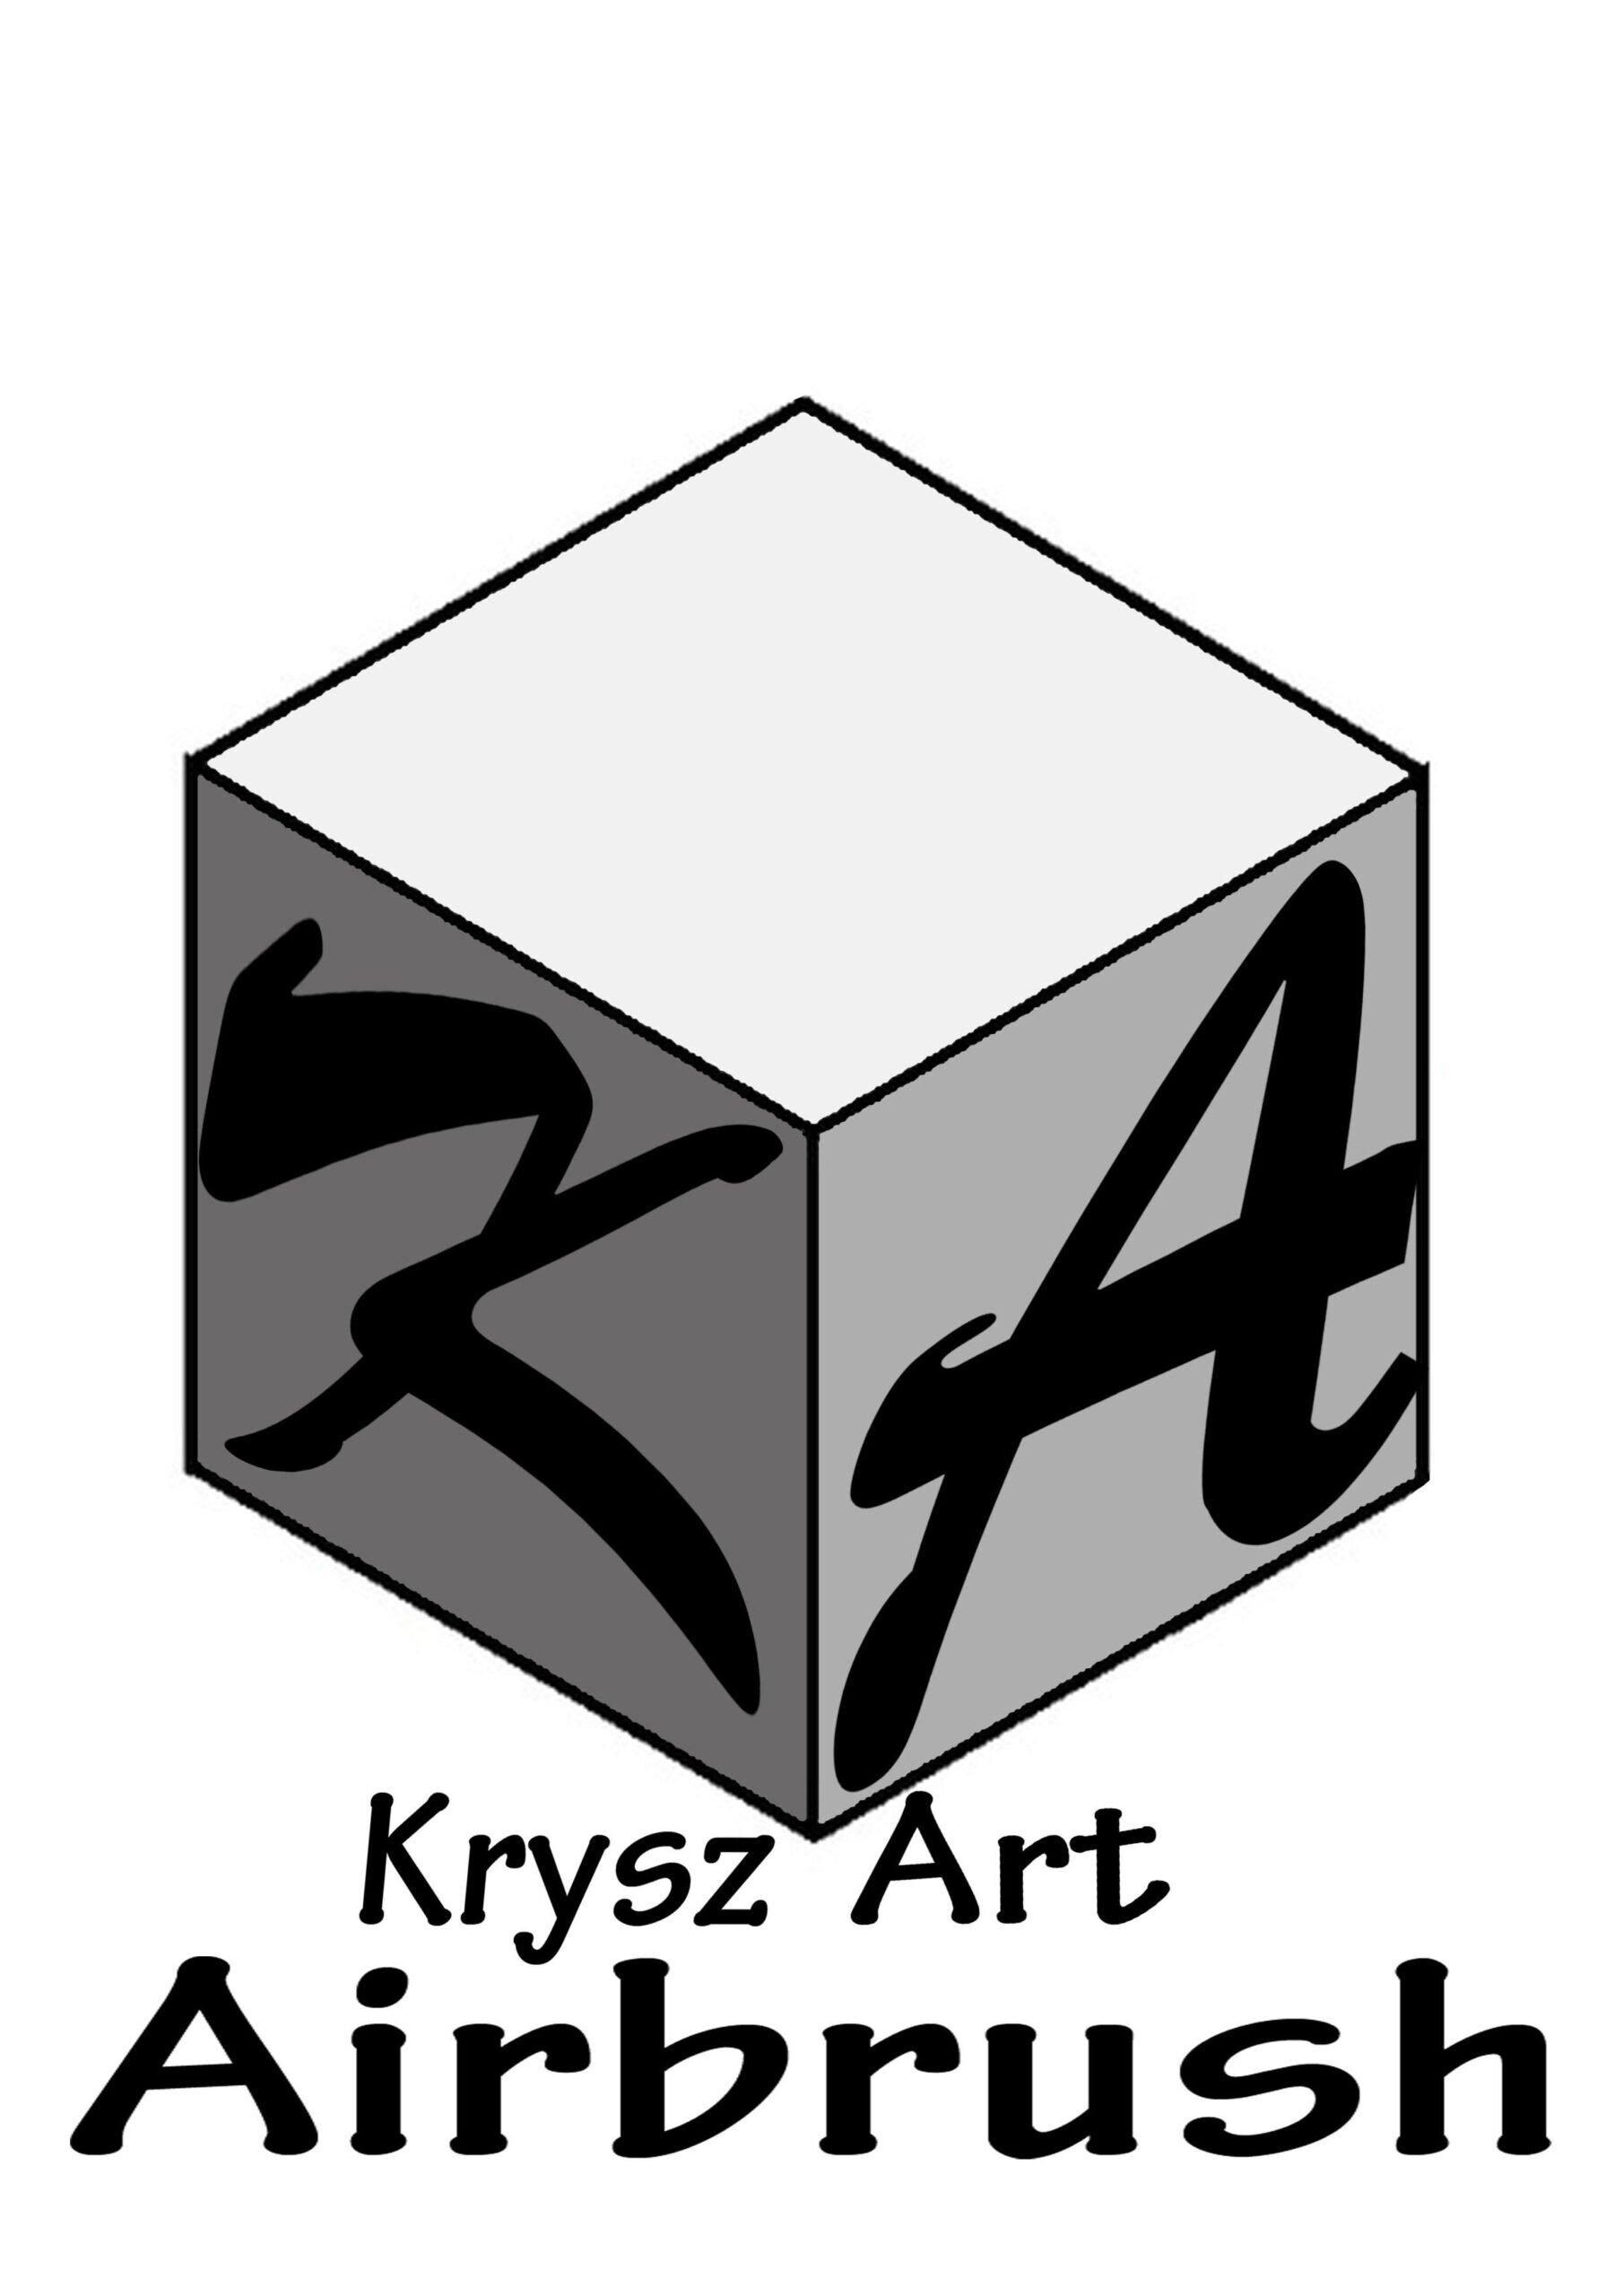 kryszart